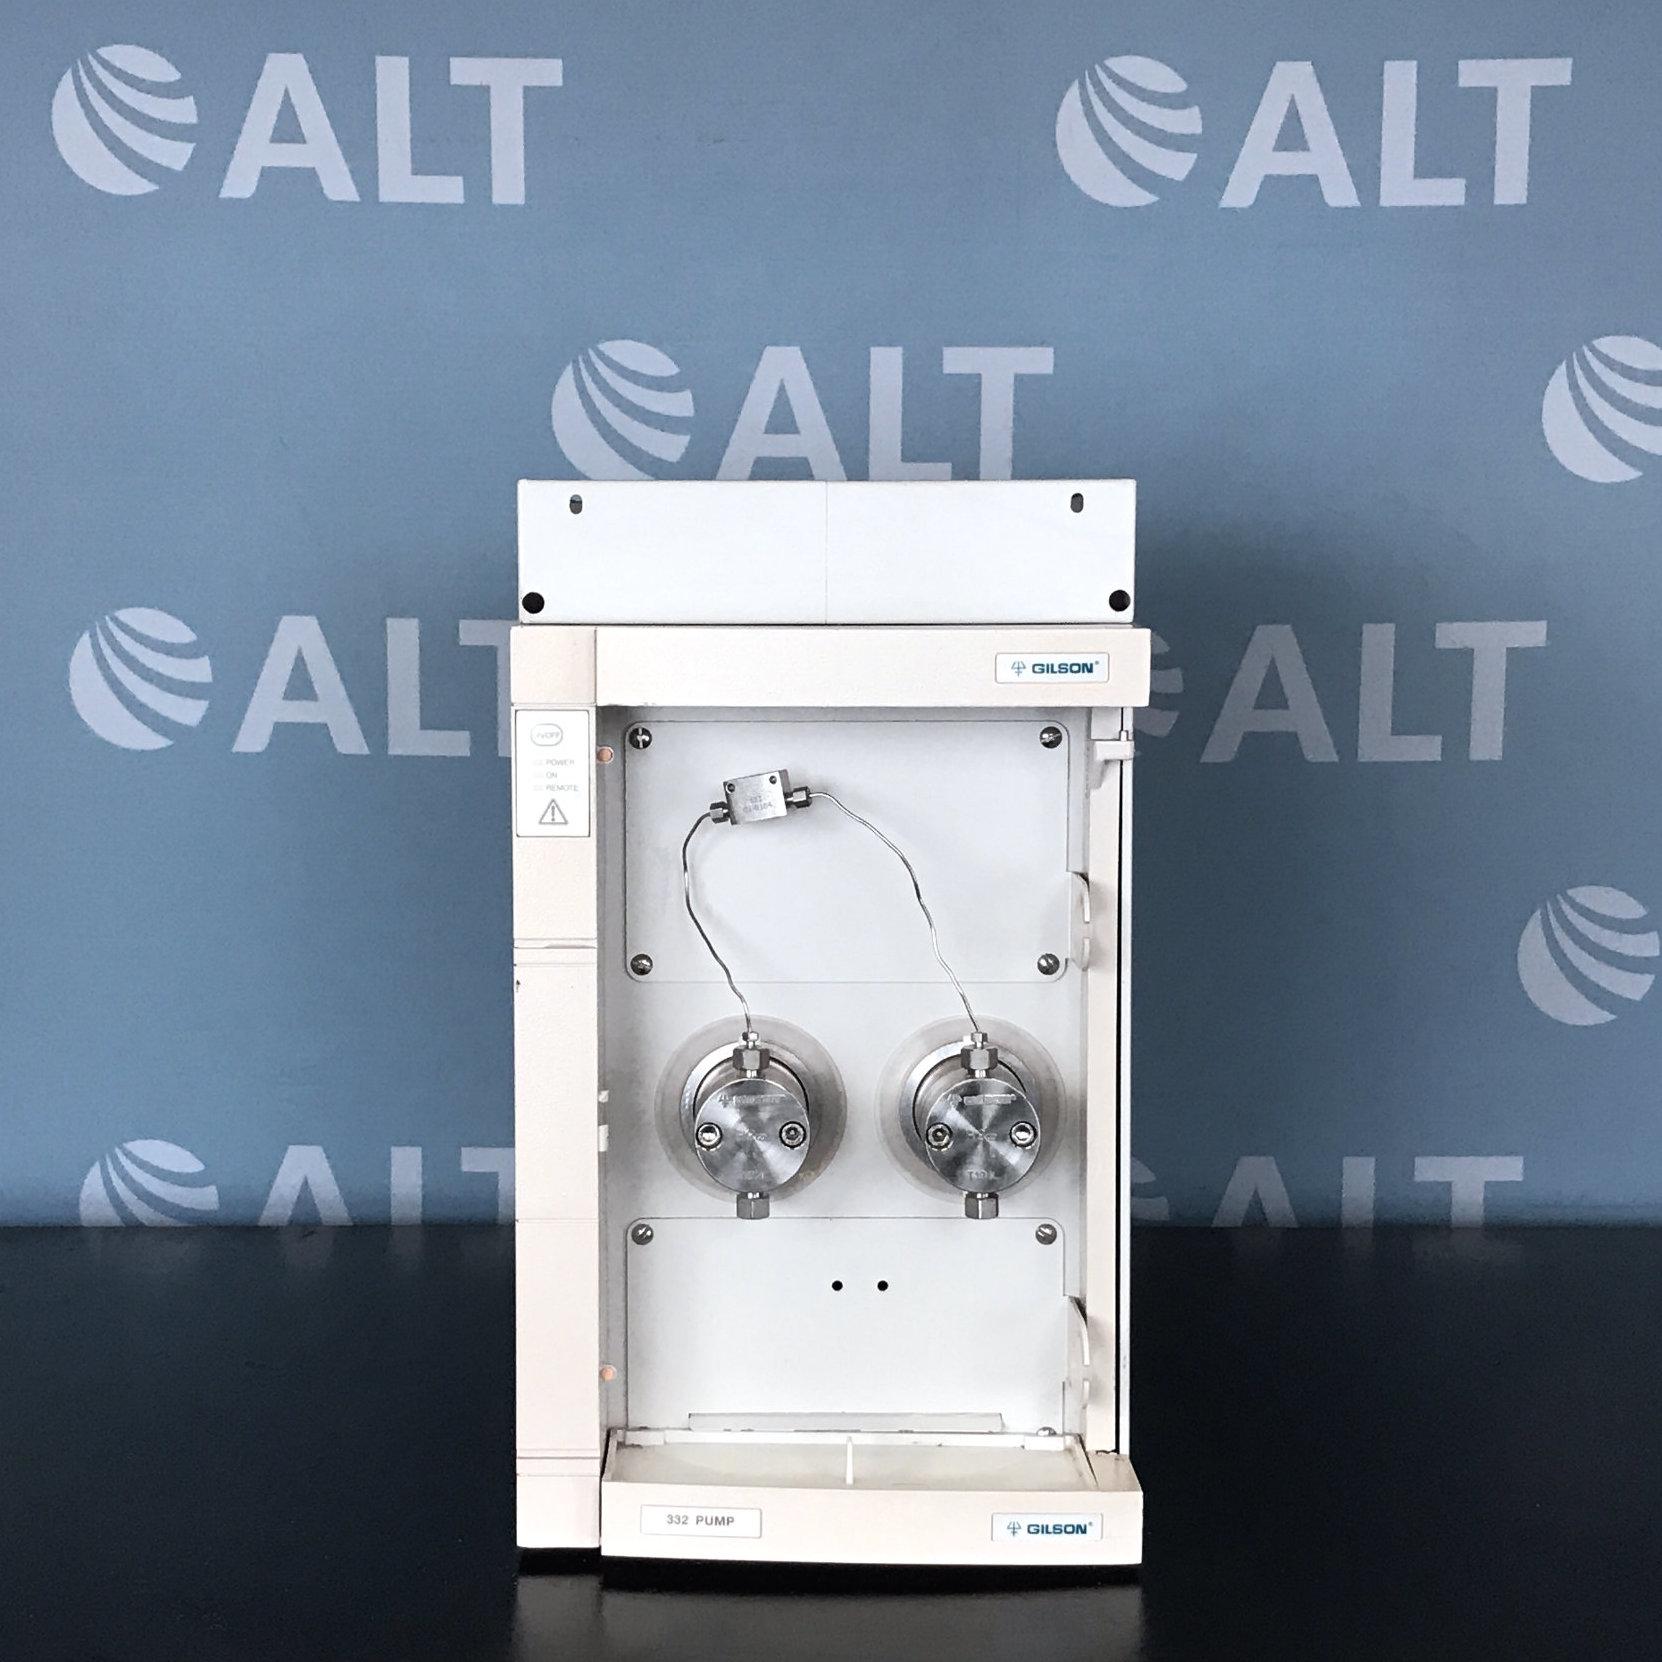 Gilson 332 Semi Preparative Multi Solvent Pump Image